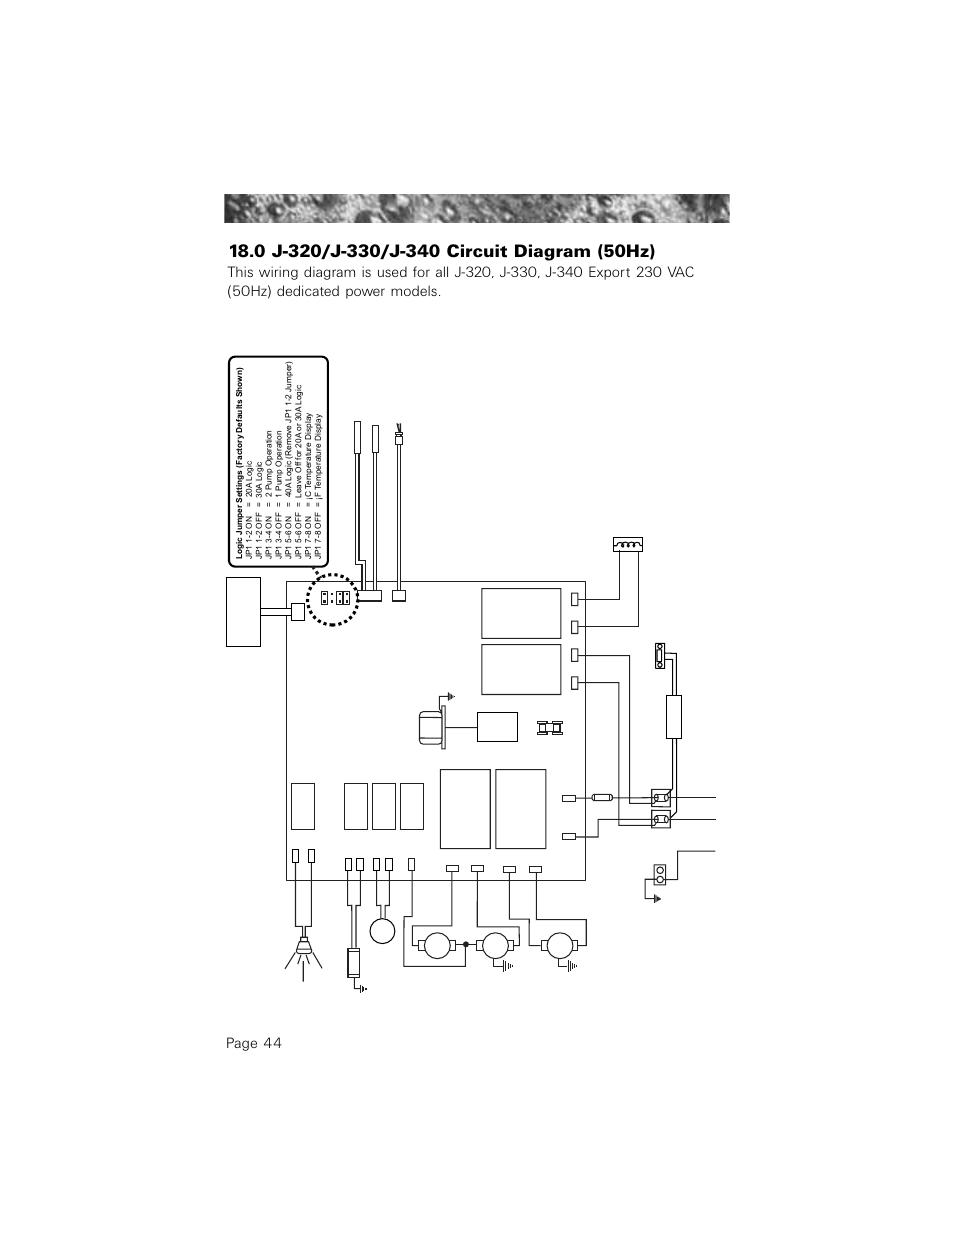 0 j-320/j-330/j-340 circuit diagram (50hz), Page 44 ... on jacuzzi bathtubs, jacuzzi electrical diagrams, jacuzzi plumbing diagram, jacuzzi jets diagram, jacuzzi spa pumps, jacuzzi enclosures, jacuzzi pressure switch wiring, jacuzzi motor diagrams, spa electrical circuit diagrams, jacuzzi parts diagram, jacuzzi party bus, jacuzzi tub diagram,